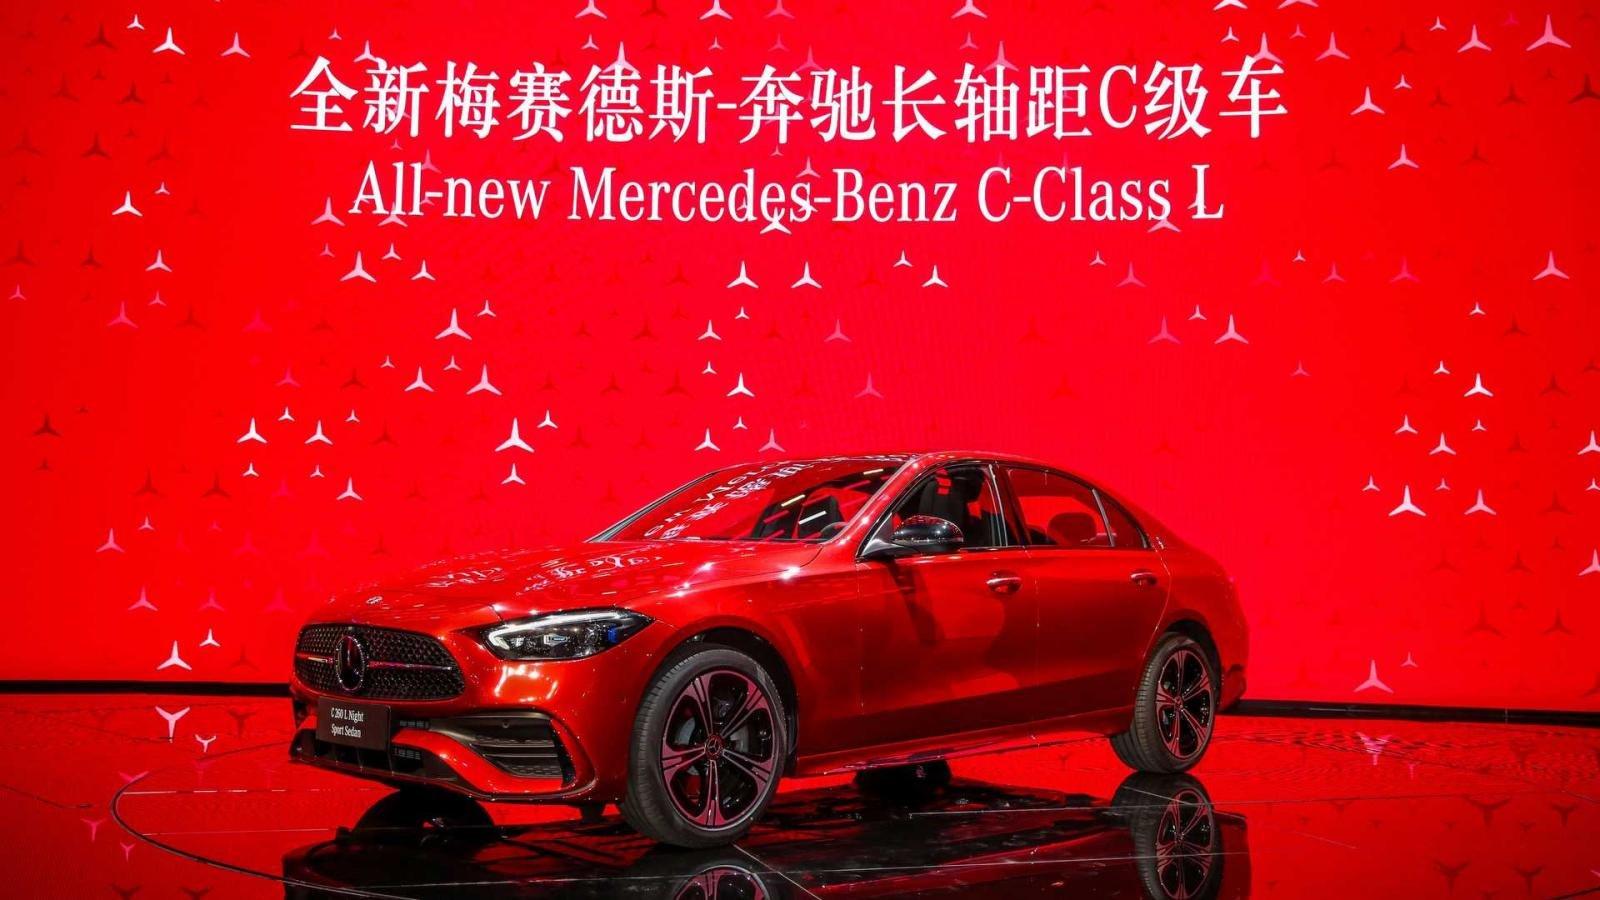 [Auto Shanghai 2021] Mercedes-Benz C-Class L mở rộng không gian nhằm phục vụ người dùng tốt hơn.